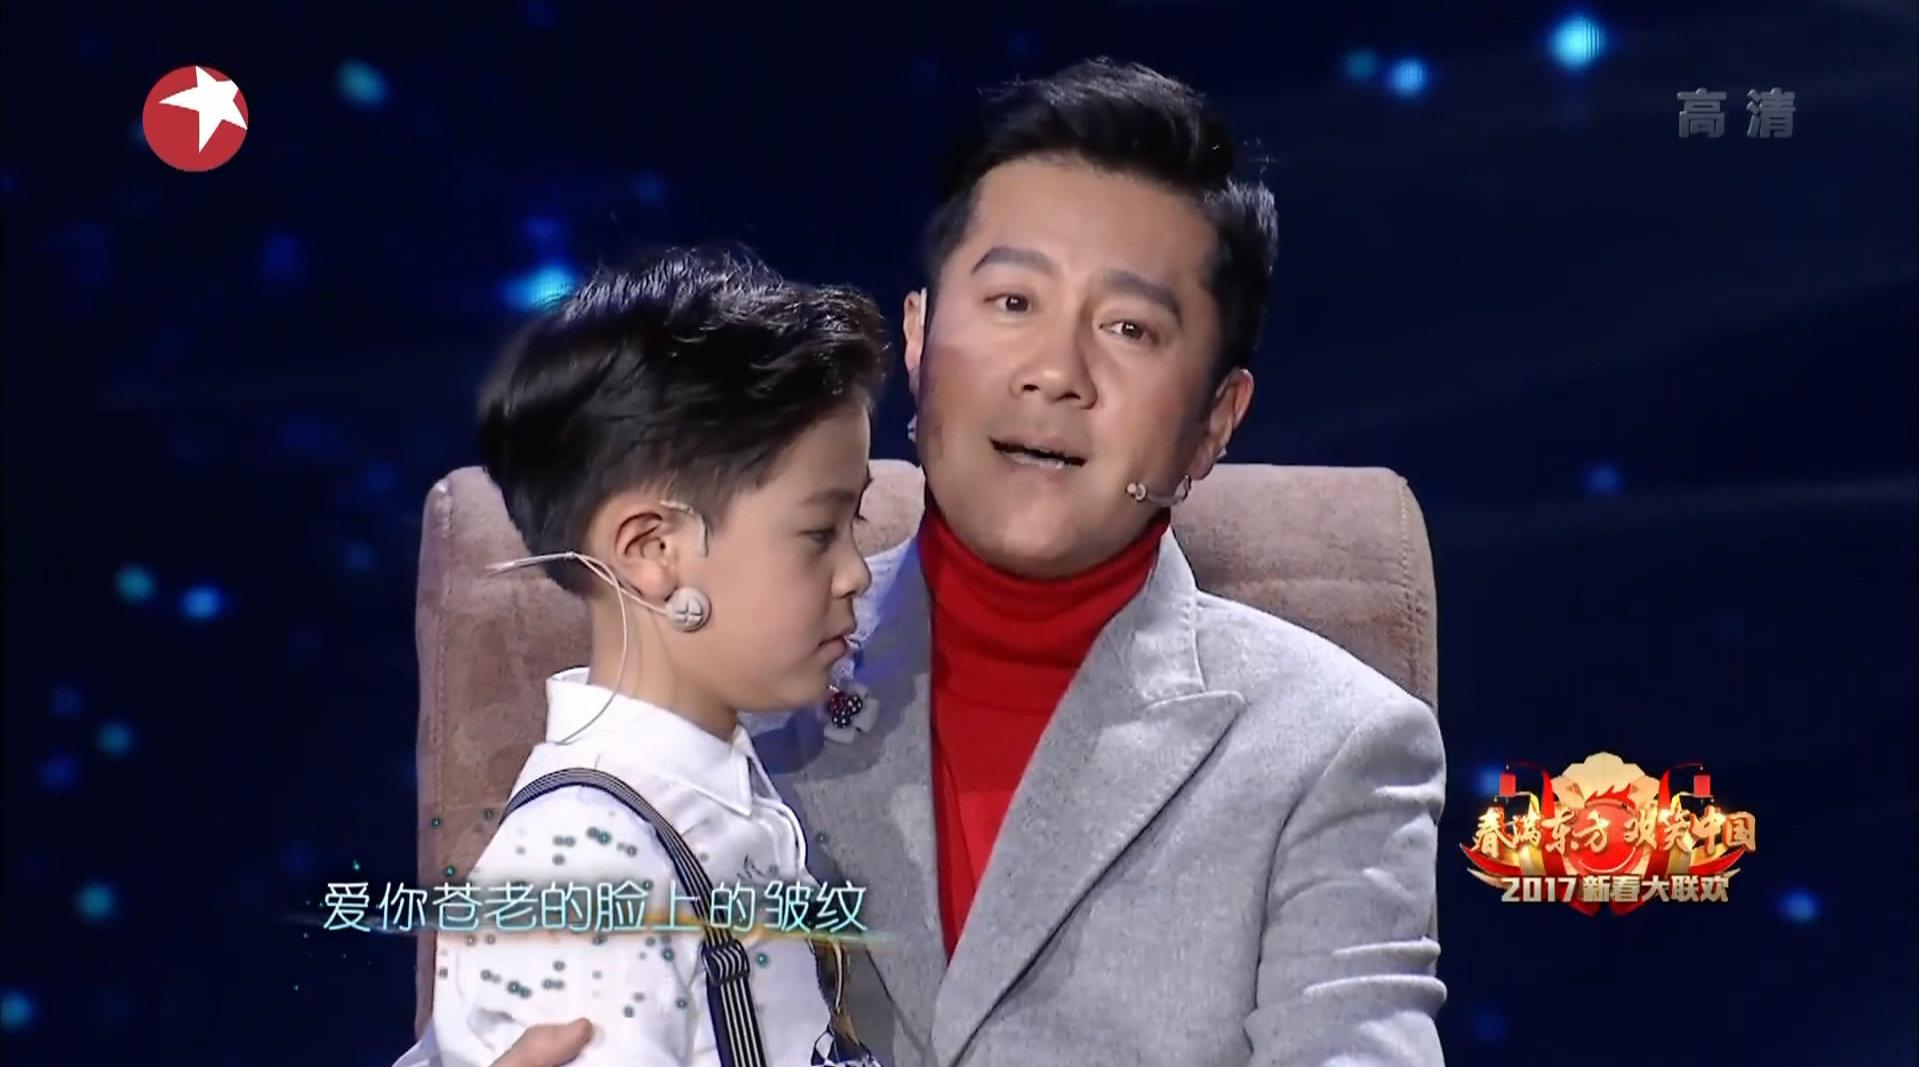 带着儿子@庆庆cai 2017催泪上演《当你老了》_20200119120207_083